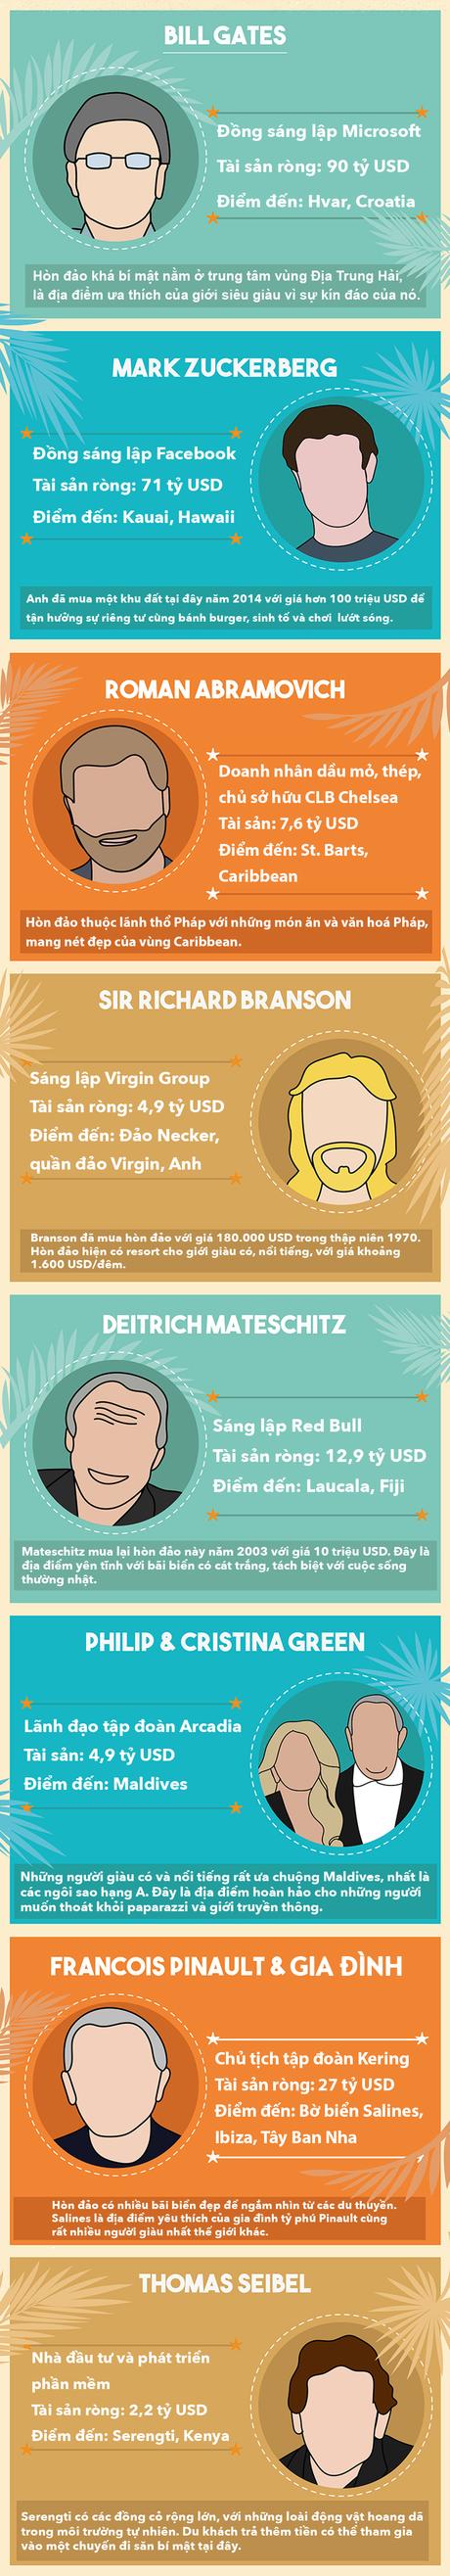 Những người giàu nhất thế giới thích đi nghỉ ở đâu